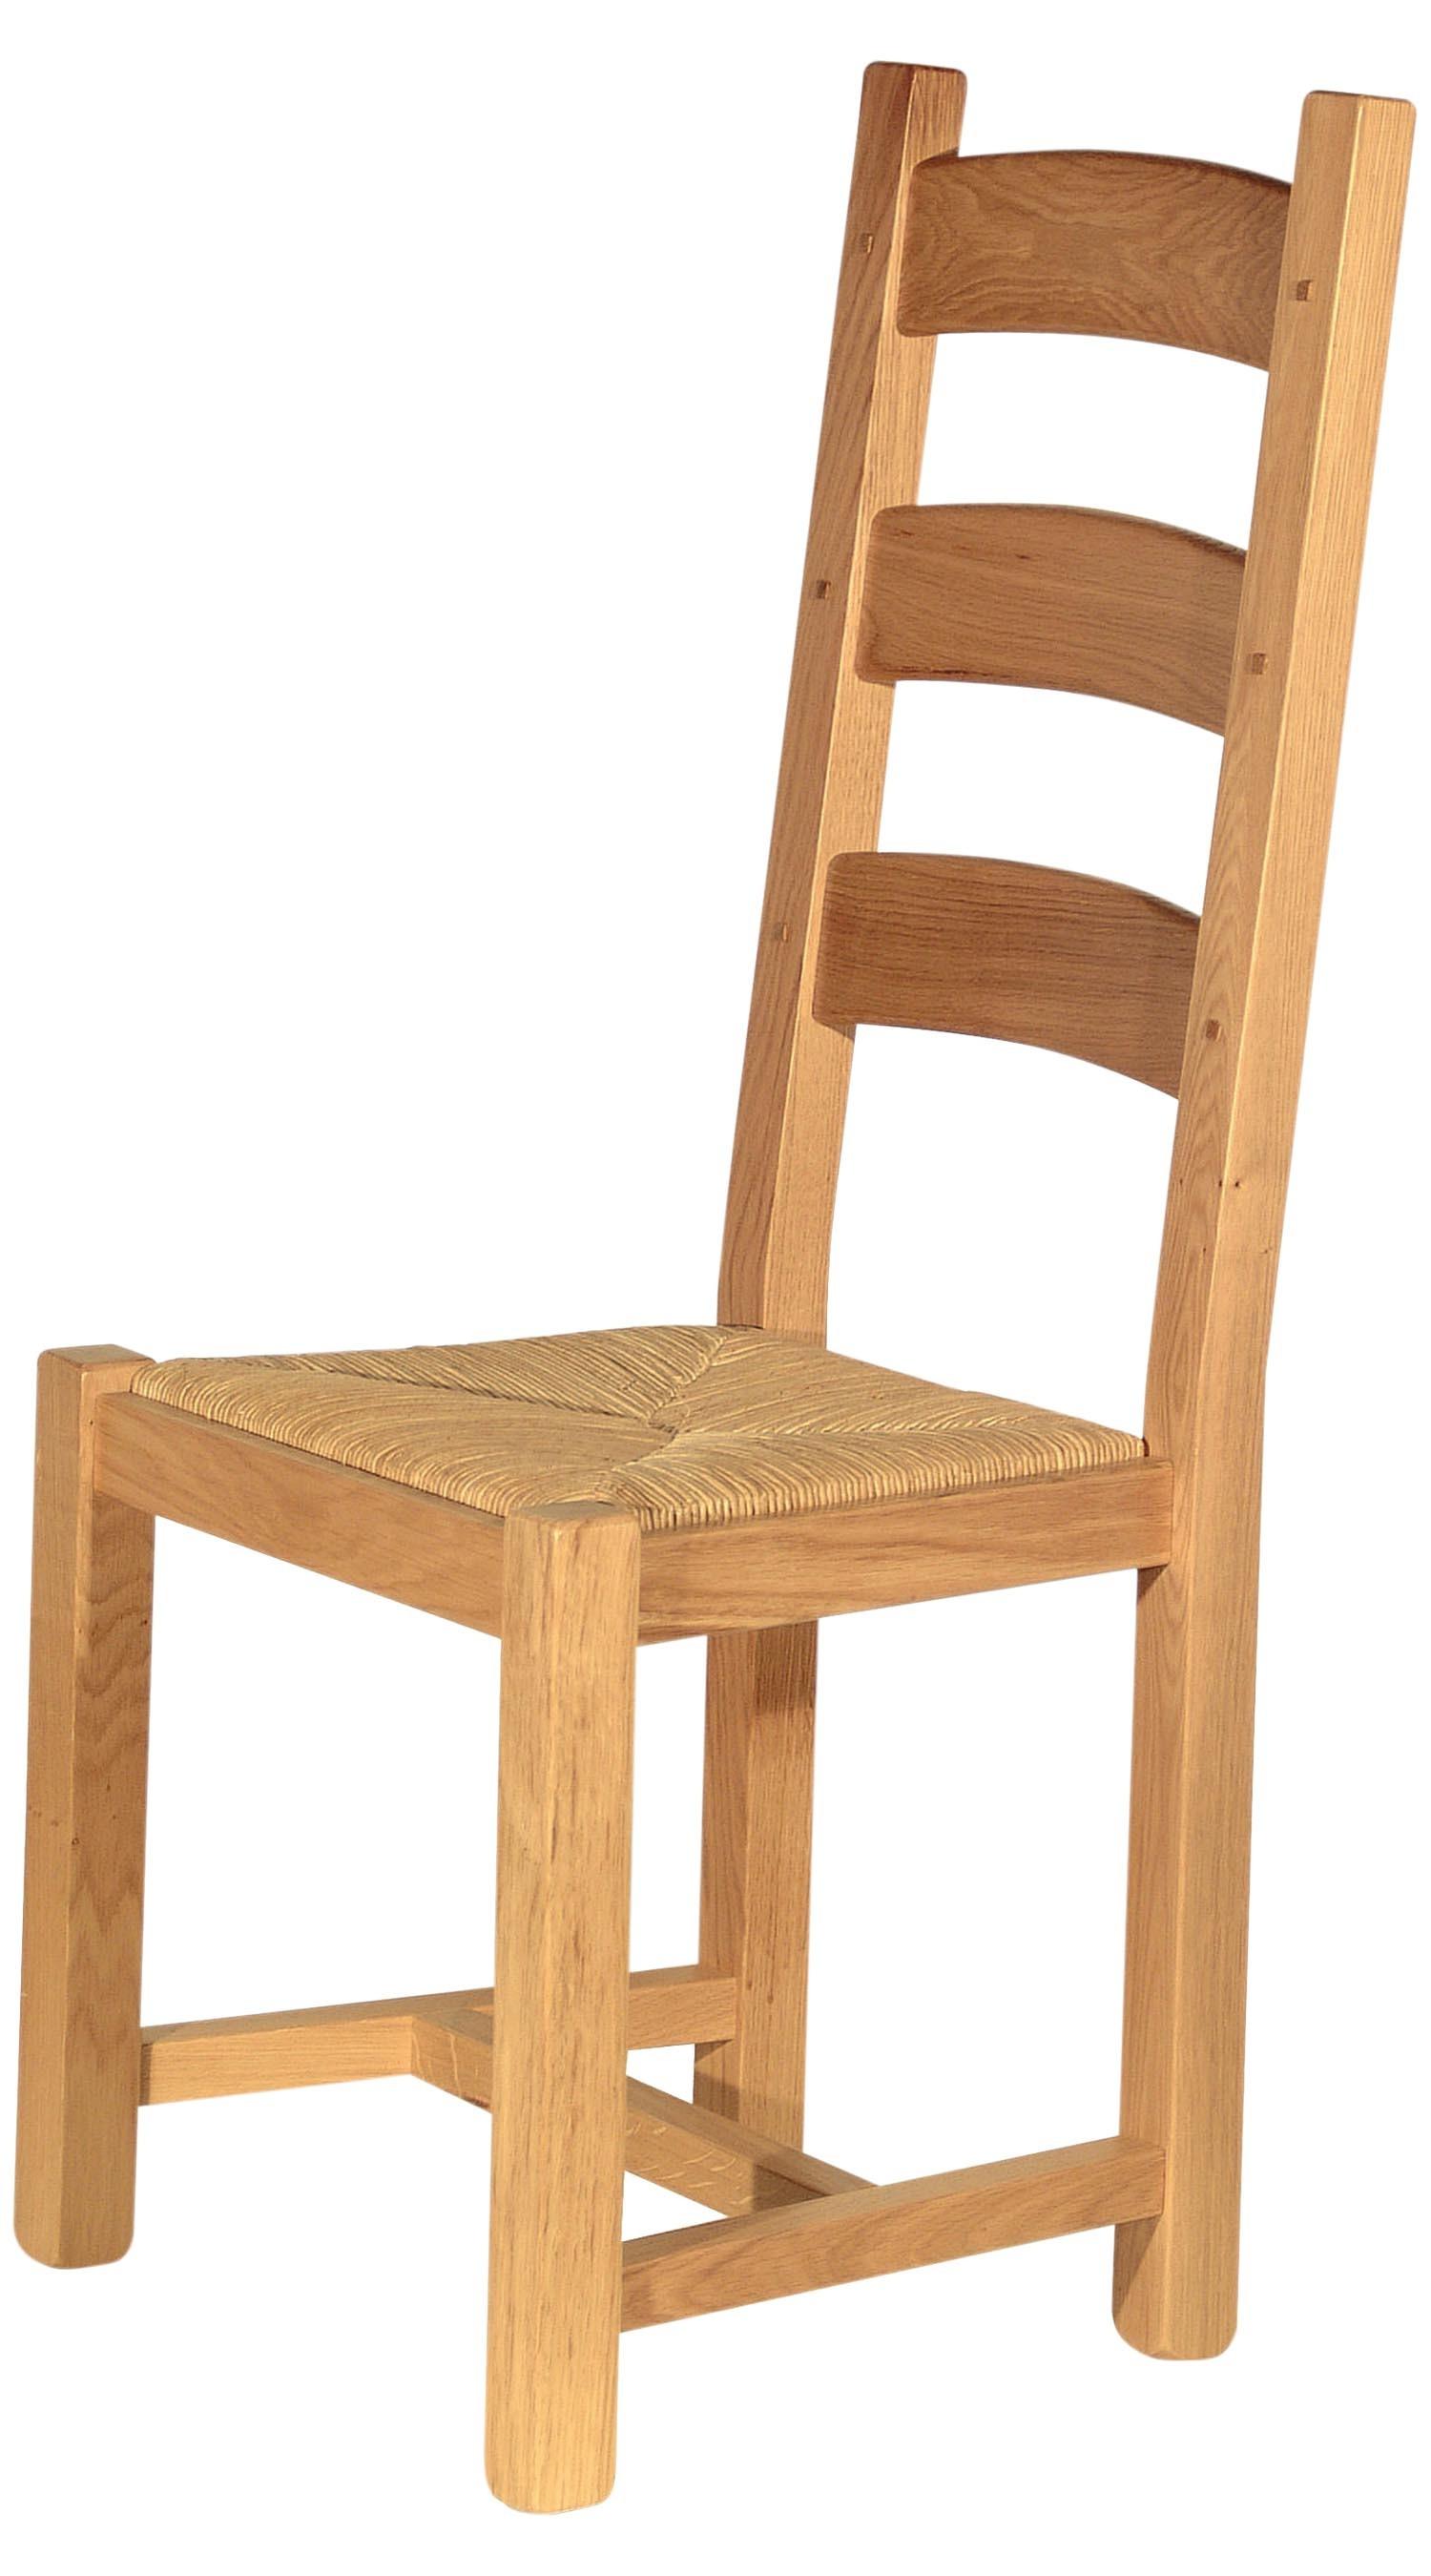 silla-madera-bodega.jpg